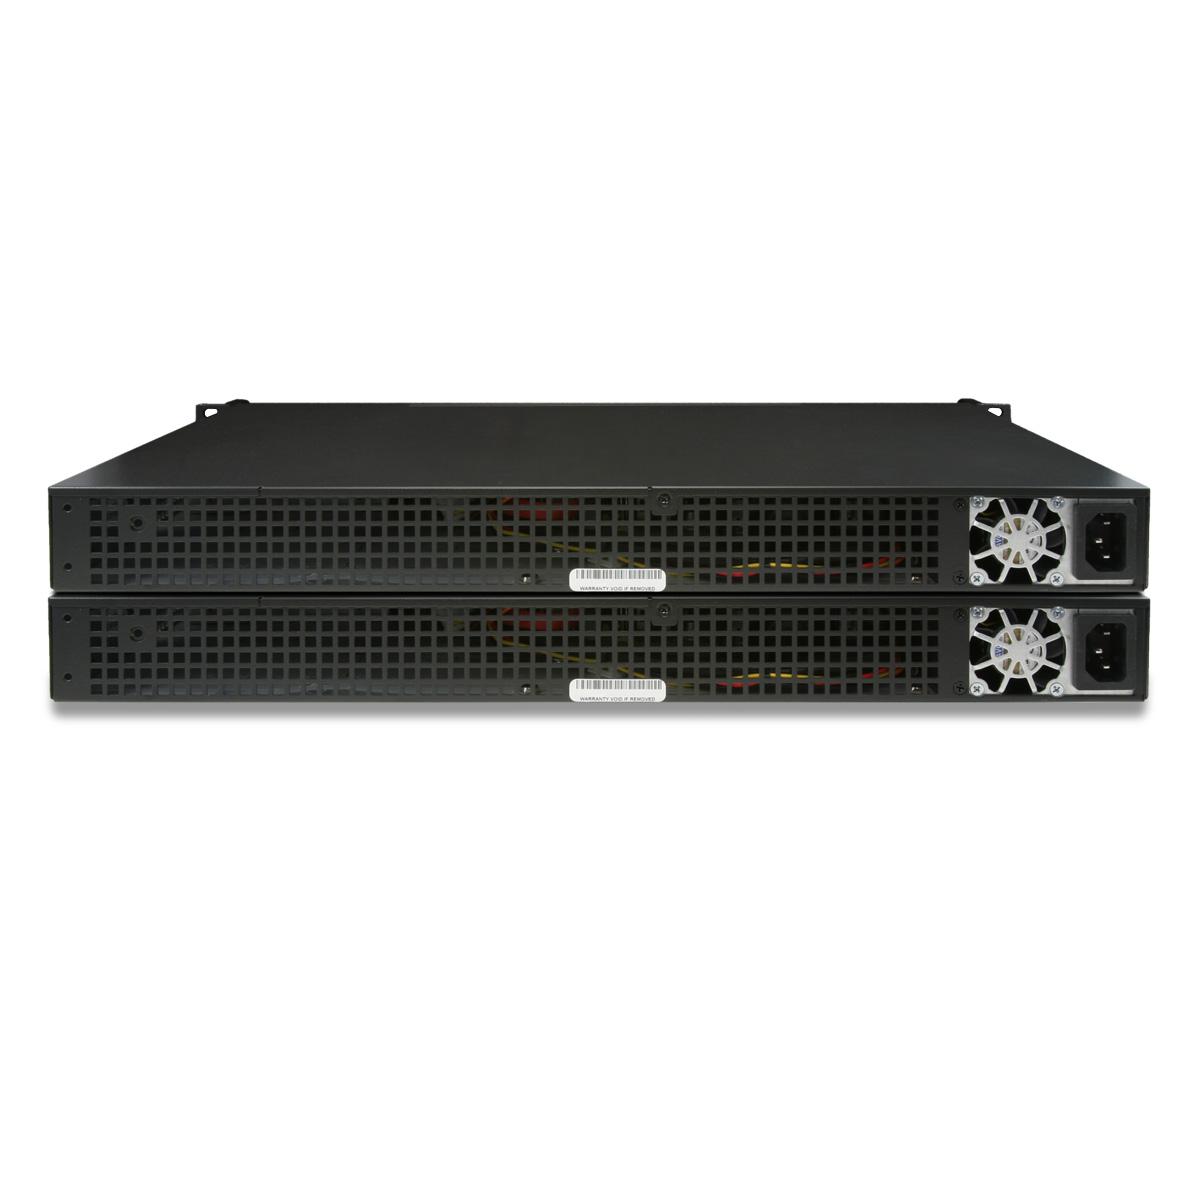 XG-1541 High Availability